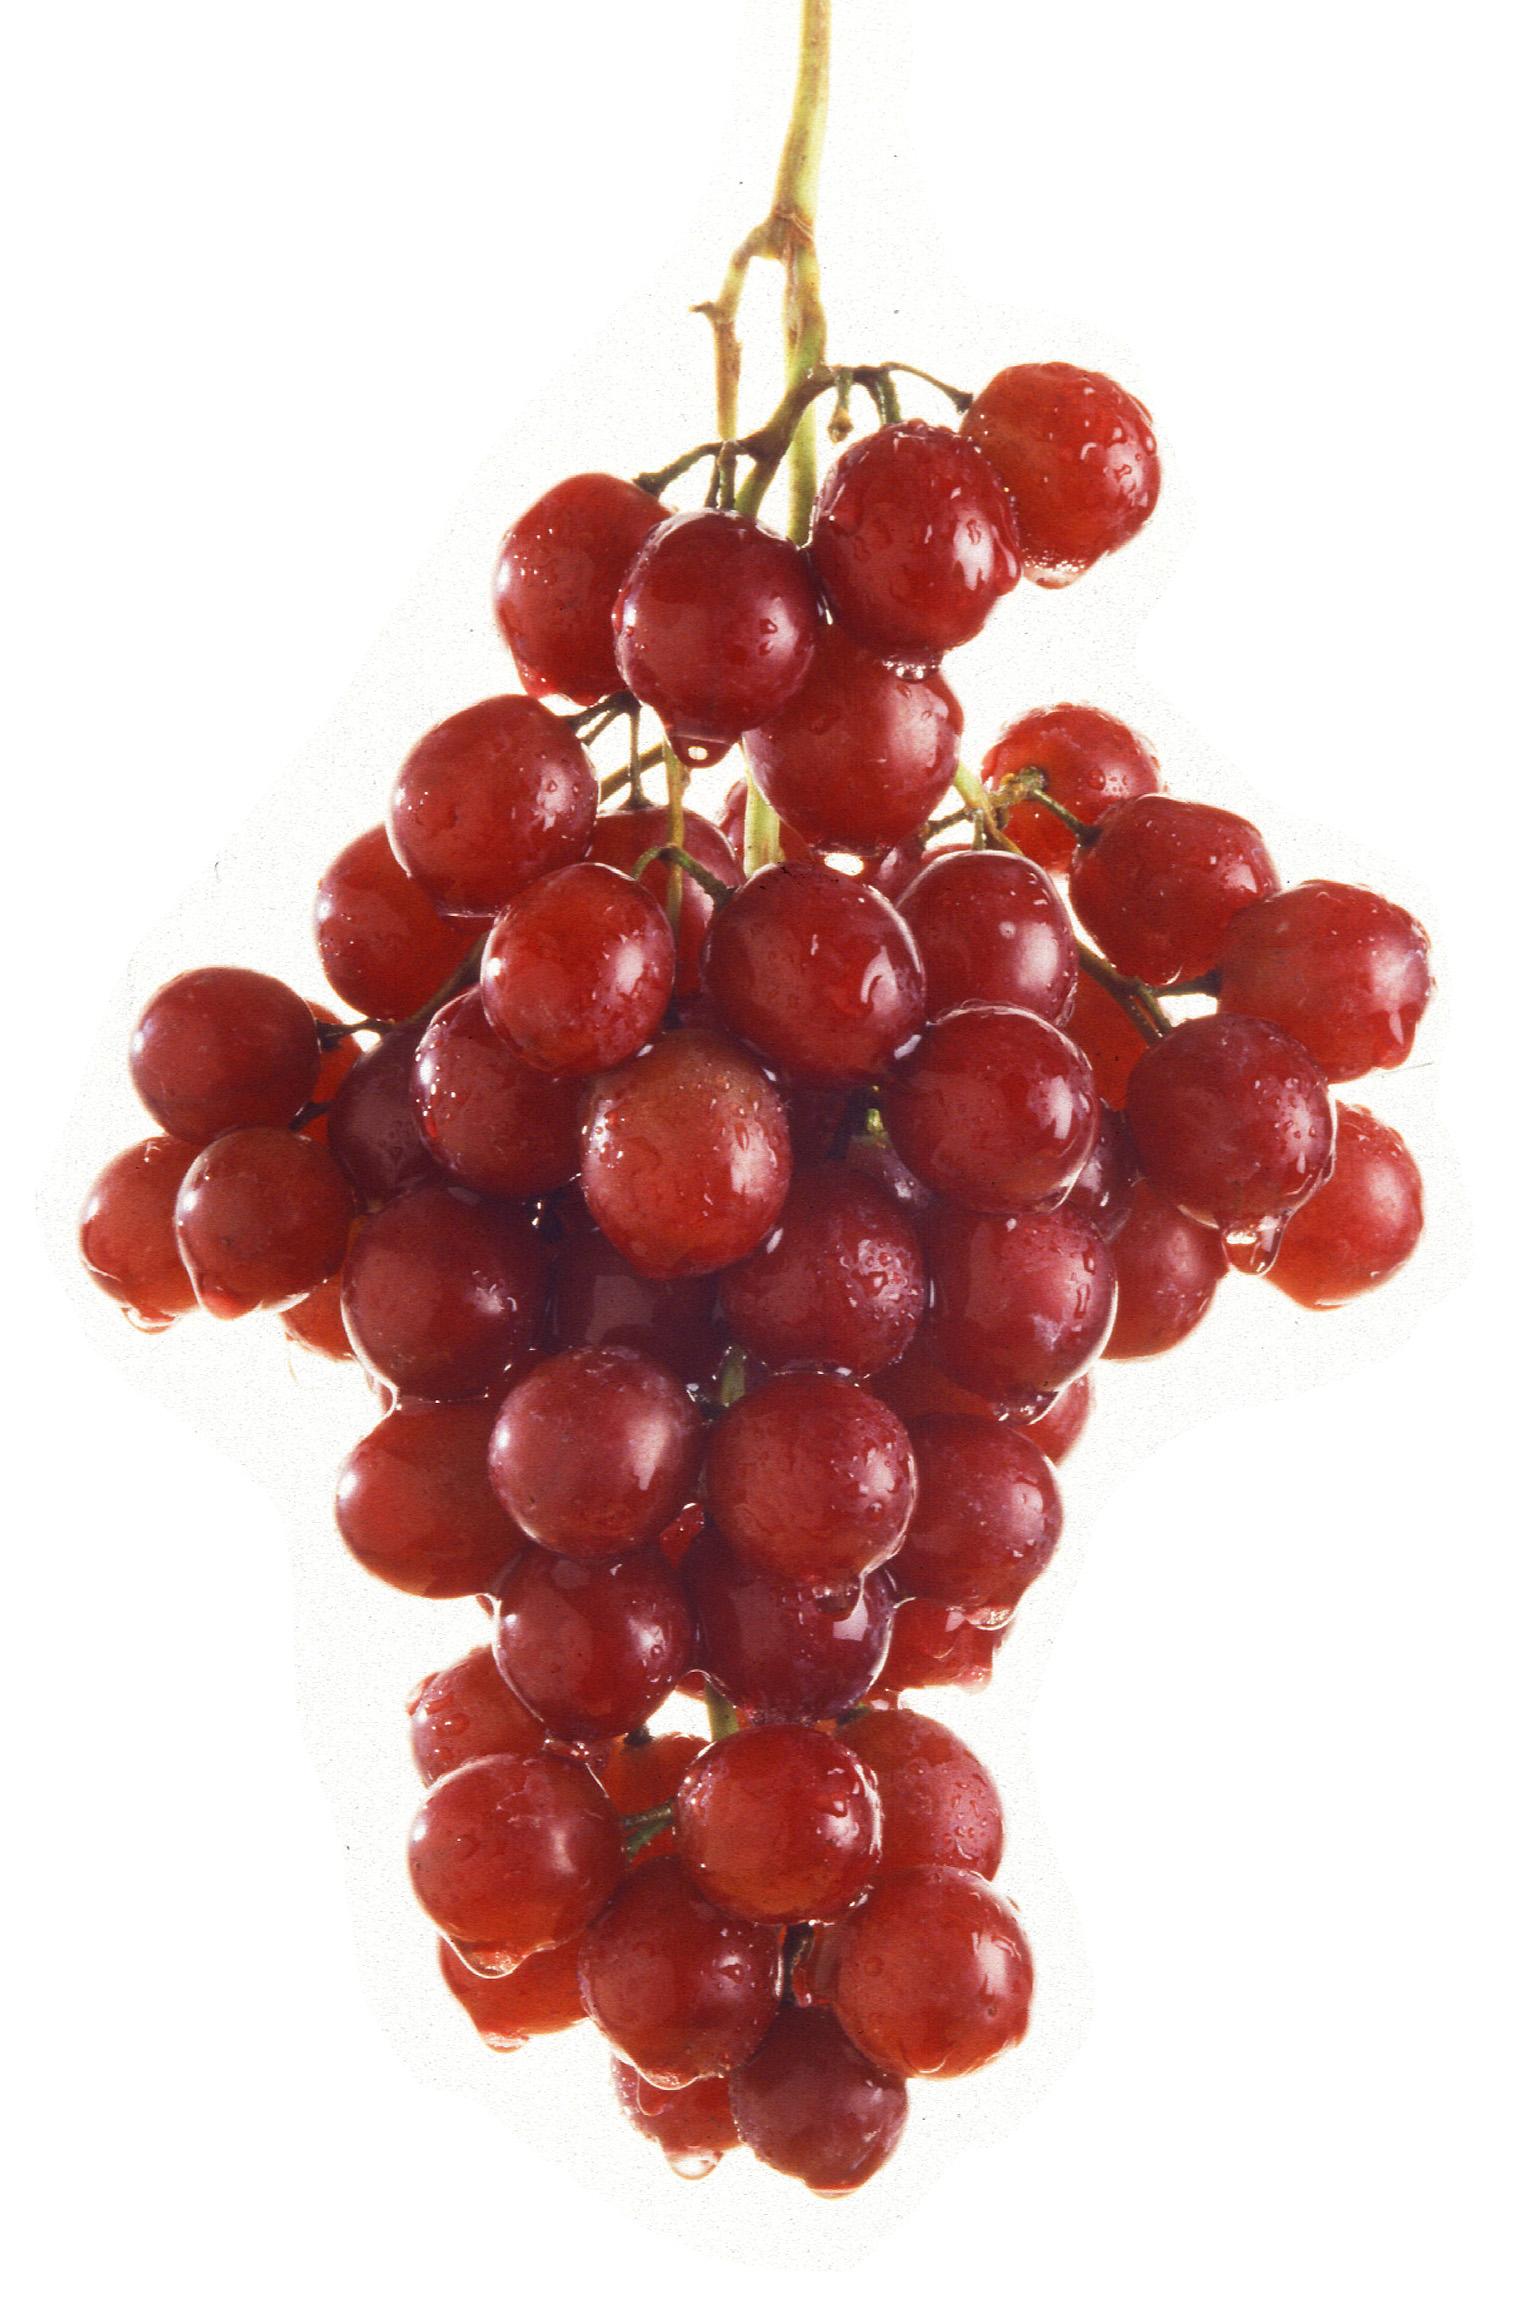 Uva sin pepitas: Flame Seedless – Características y cultivo de la uva.